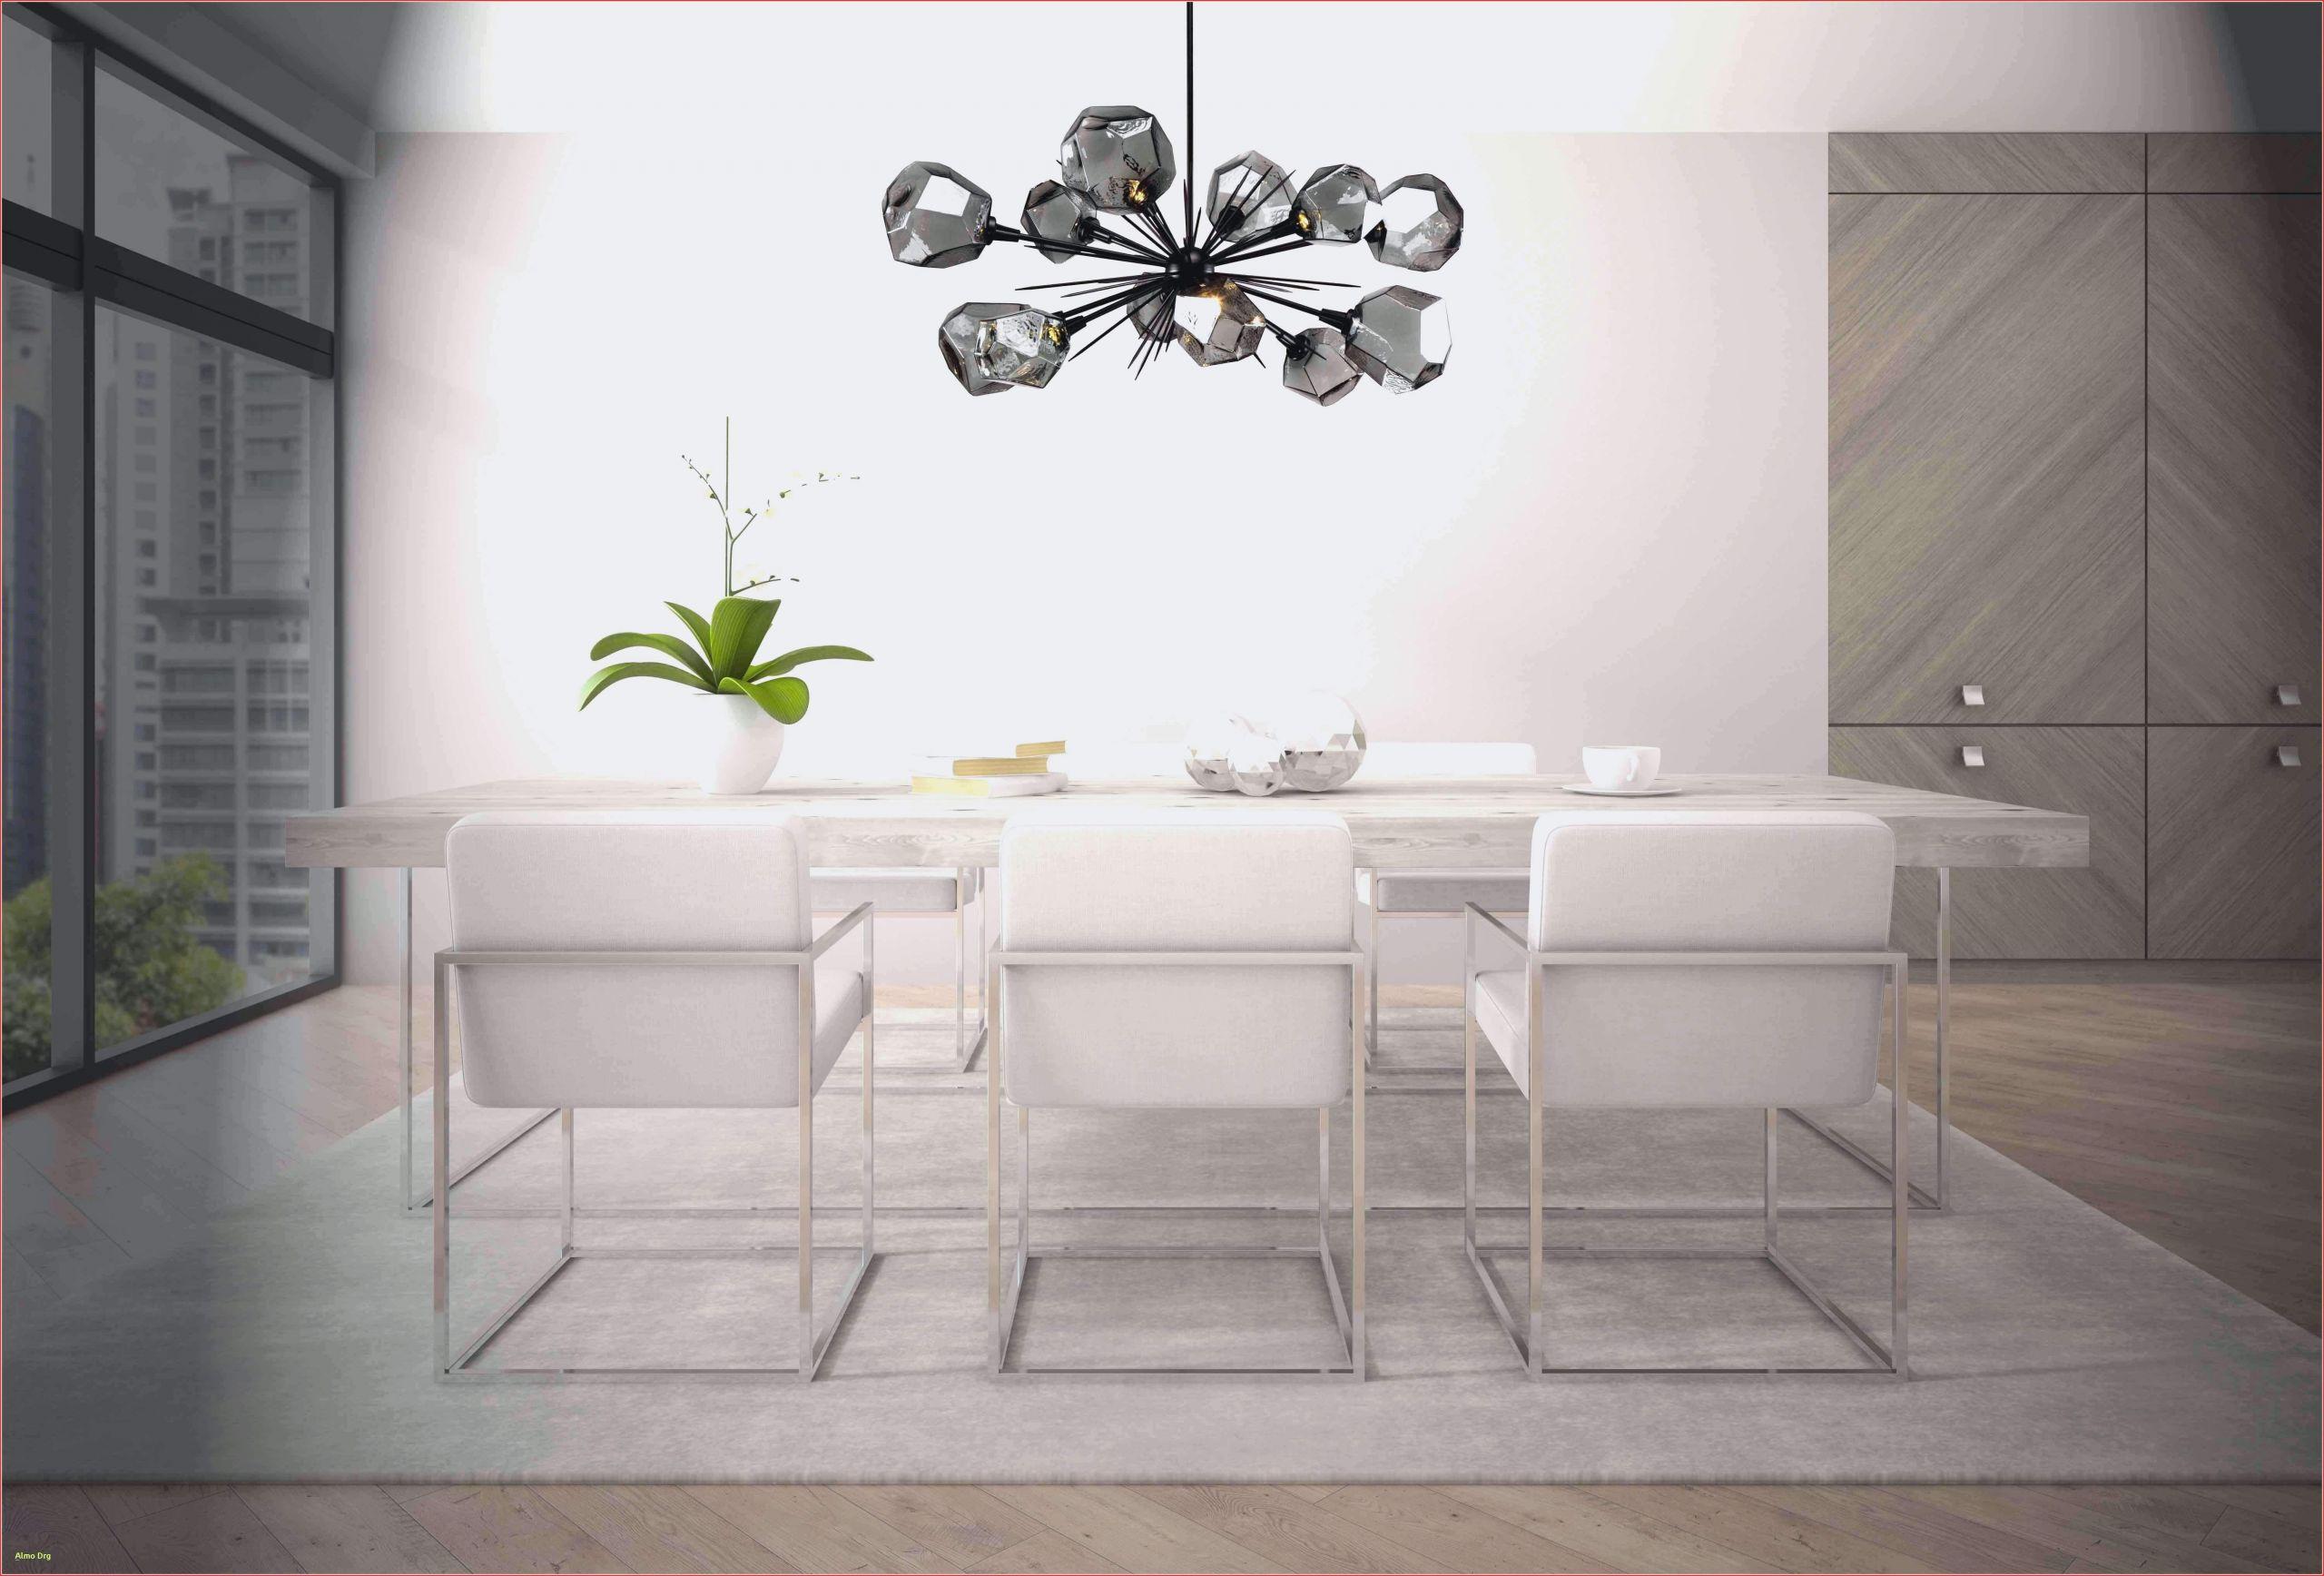 Full Size of Lampen Wohnzimmer Decke Ikea Neu Badezimmer Das Beste Von Luxe Led Sofa Kleines Deckenlampen Gardinen Küche Bilder Xxl Deckenleuchte Schlafzimmer Modern Deko Wohnzimmer Lampen Wohnzimmer Decke Ikea